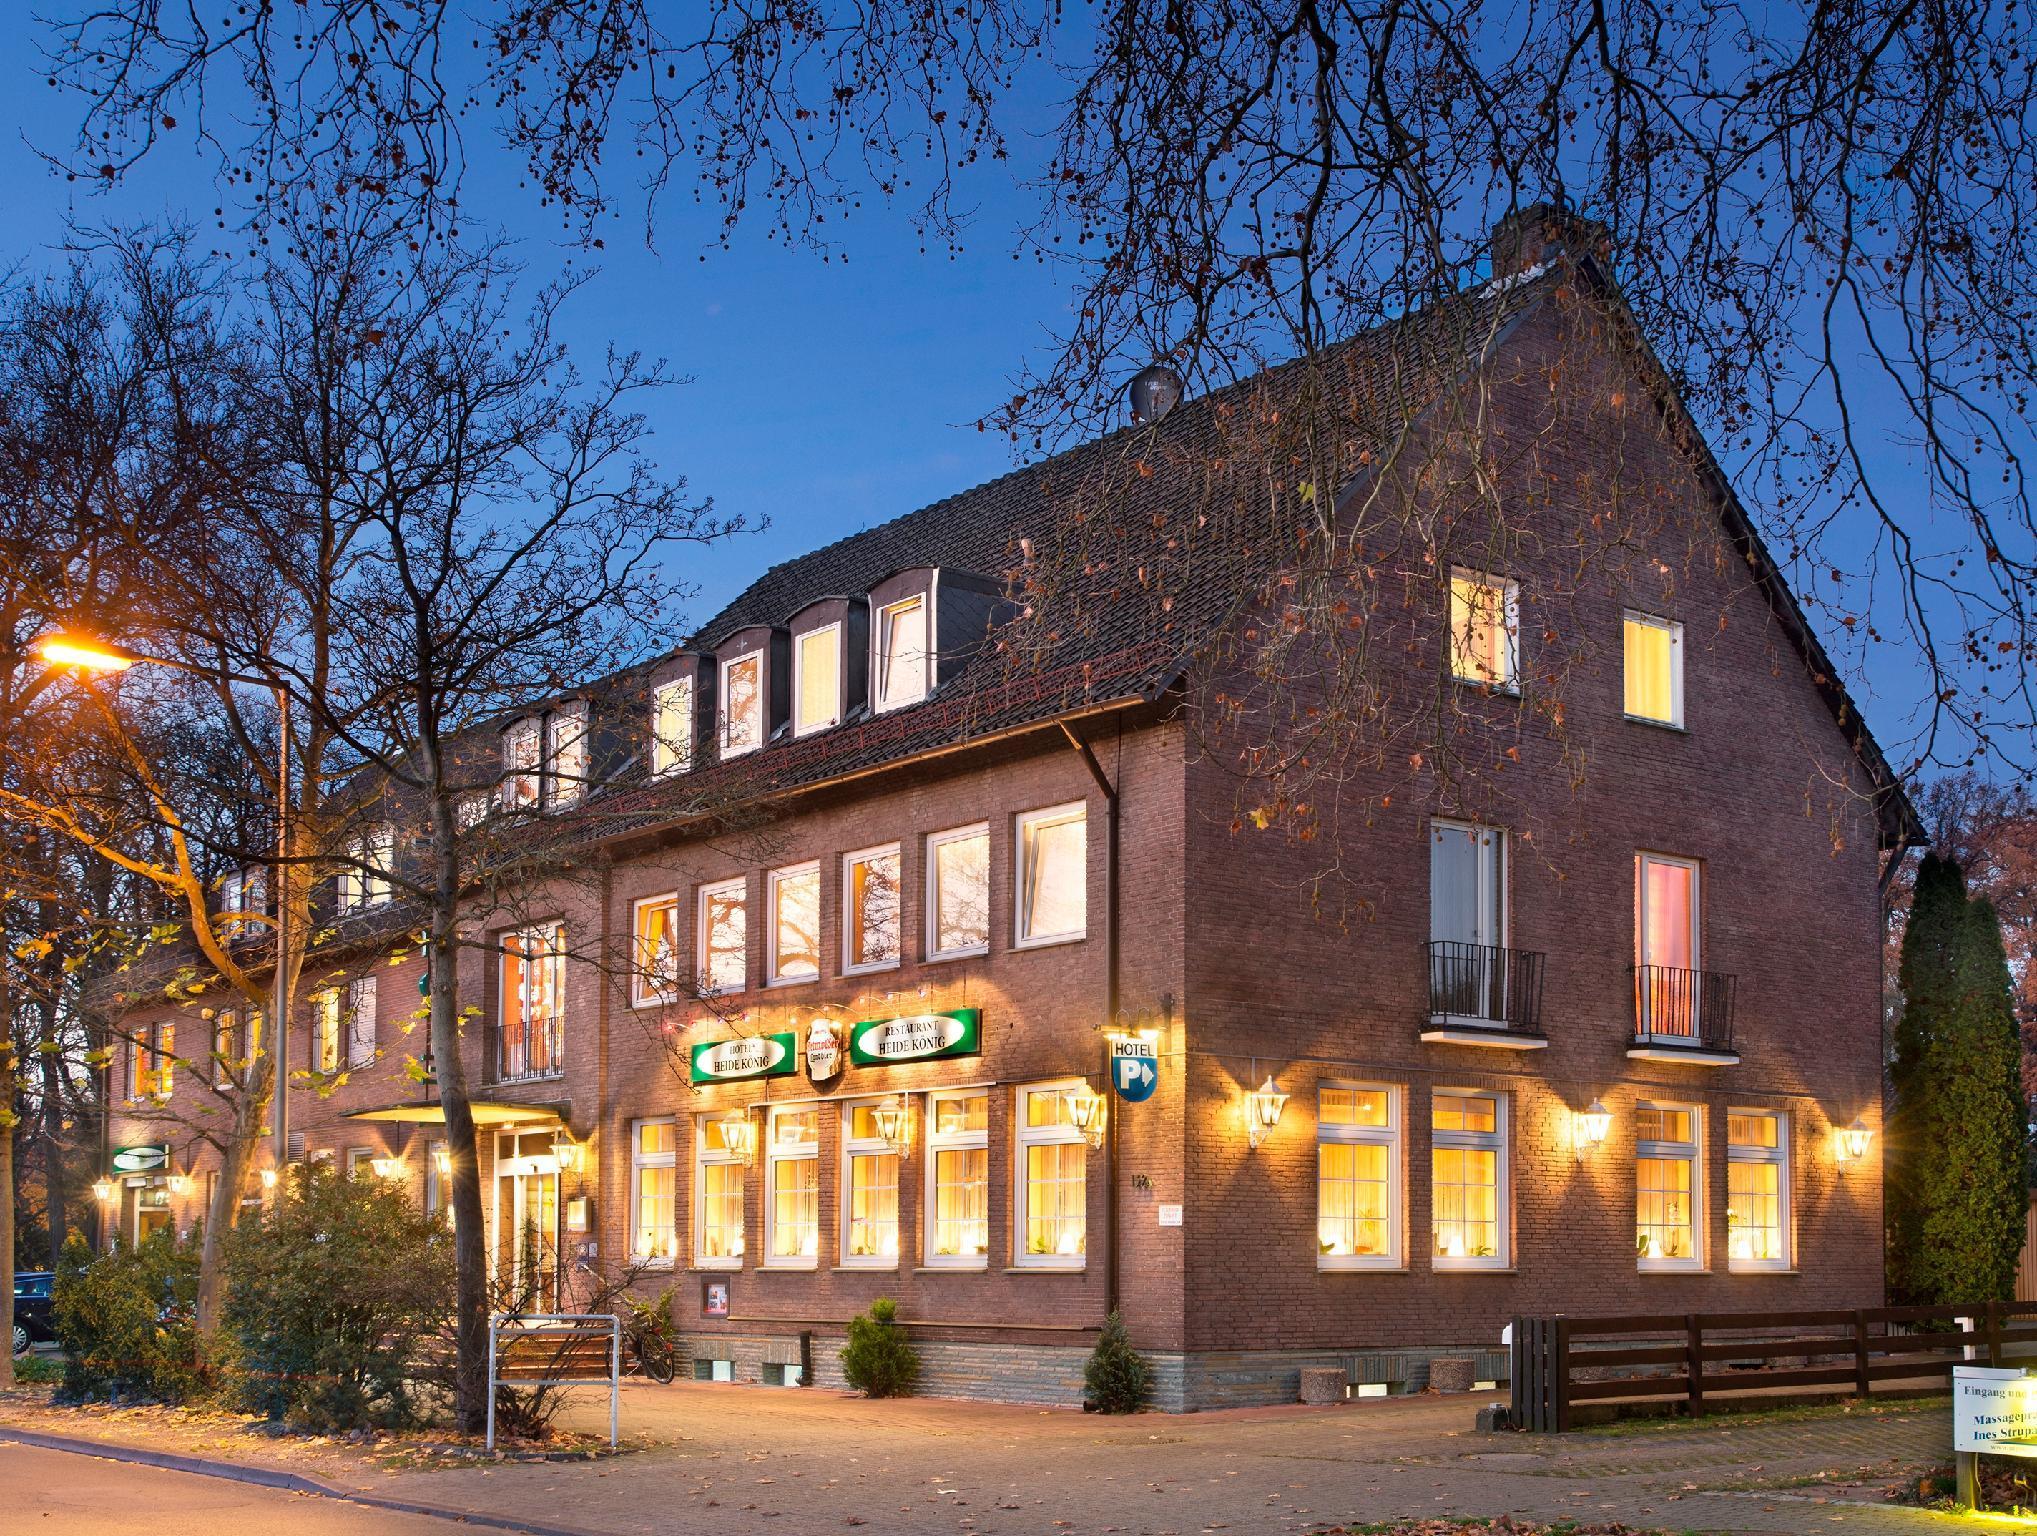 Heidekonig Hotel Celle, Celle